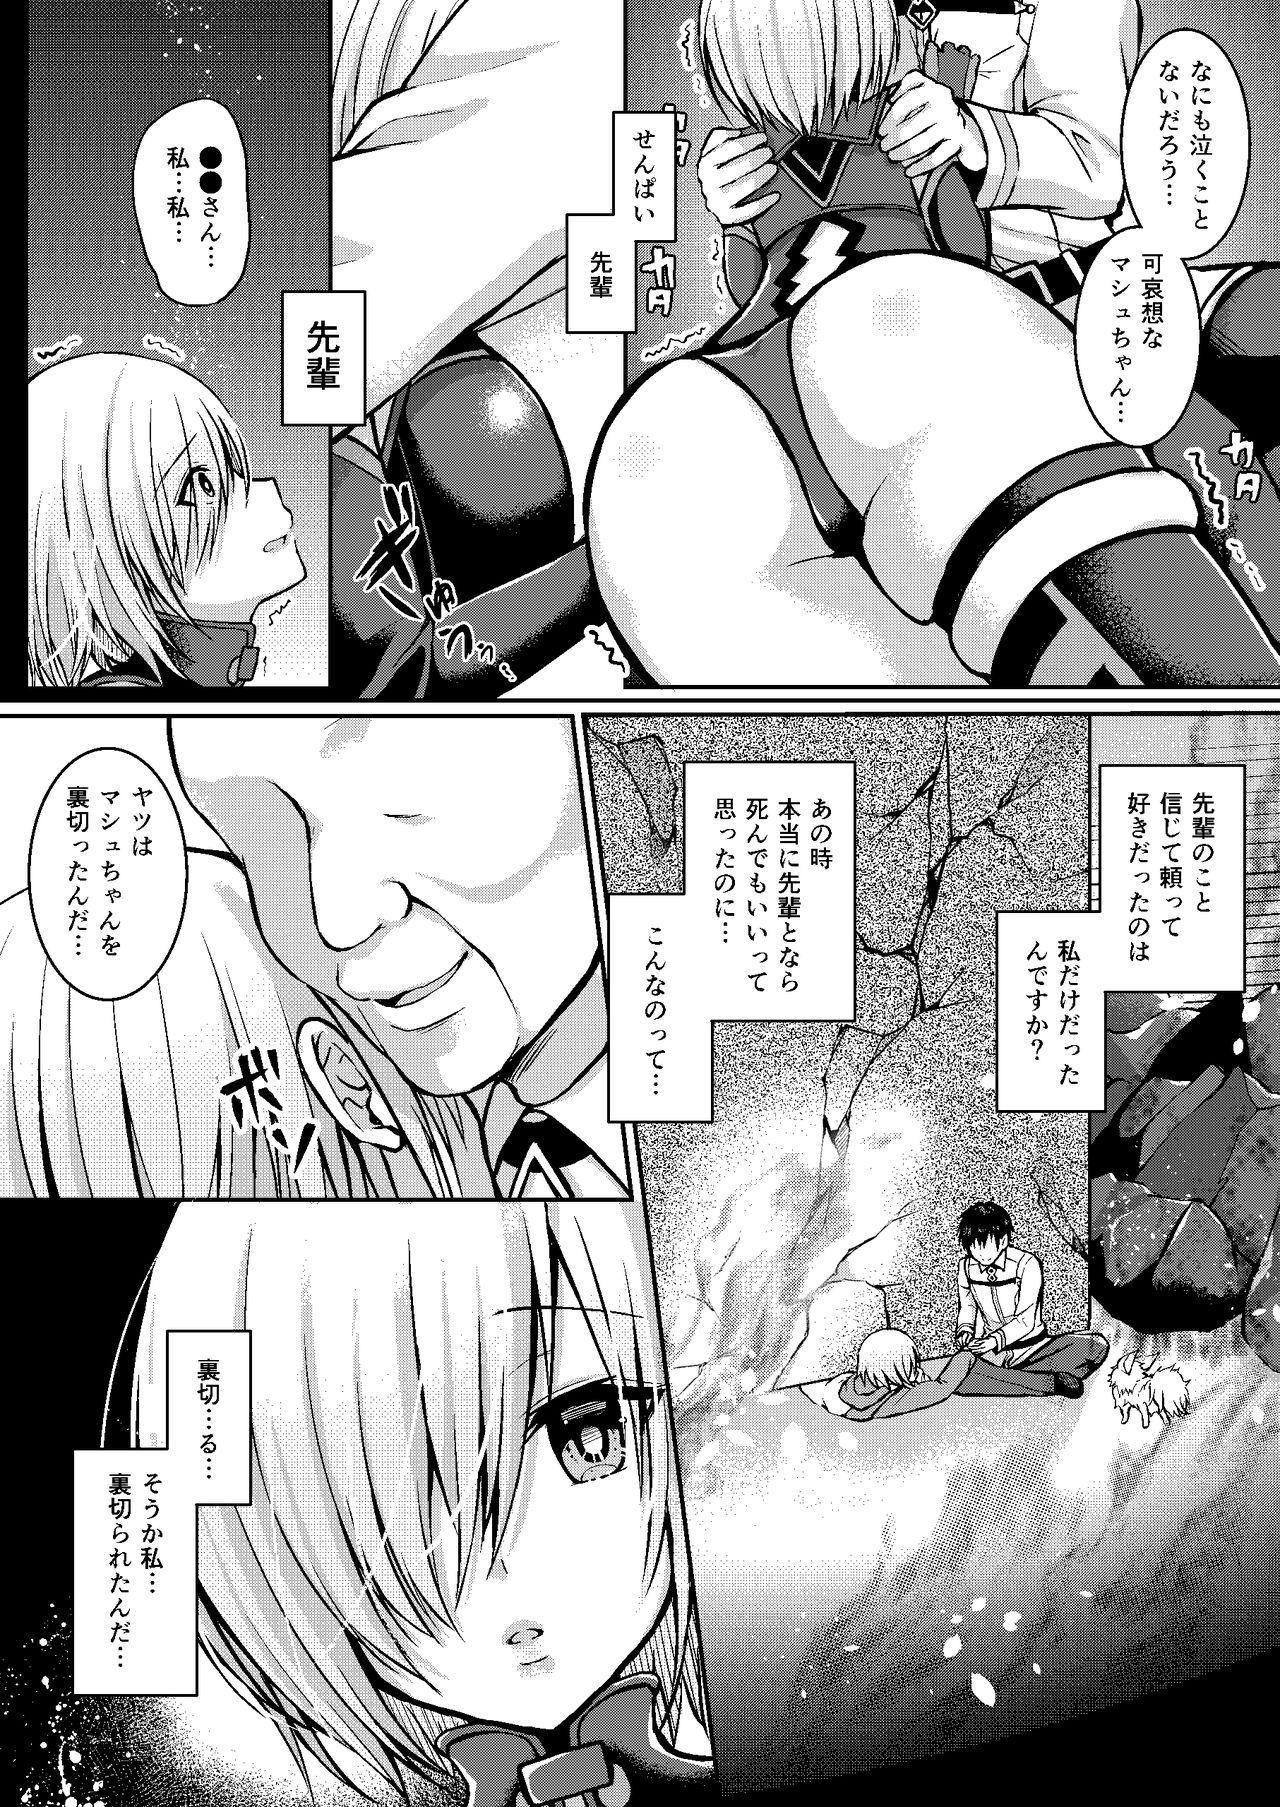 Senpai ga Sabishiku Saseru kara Ikenain desu yo? 6